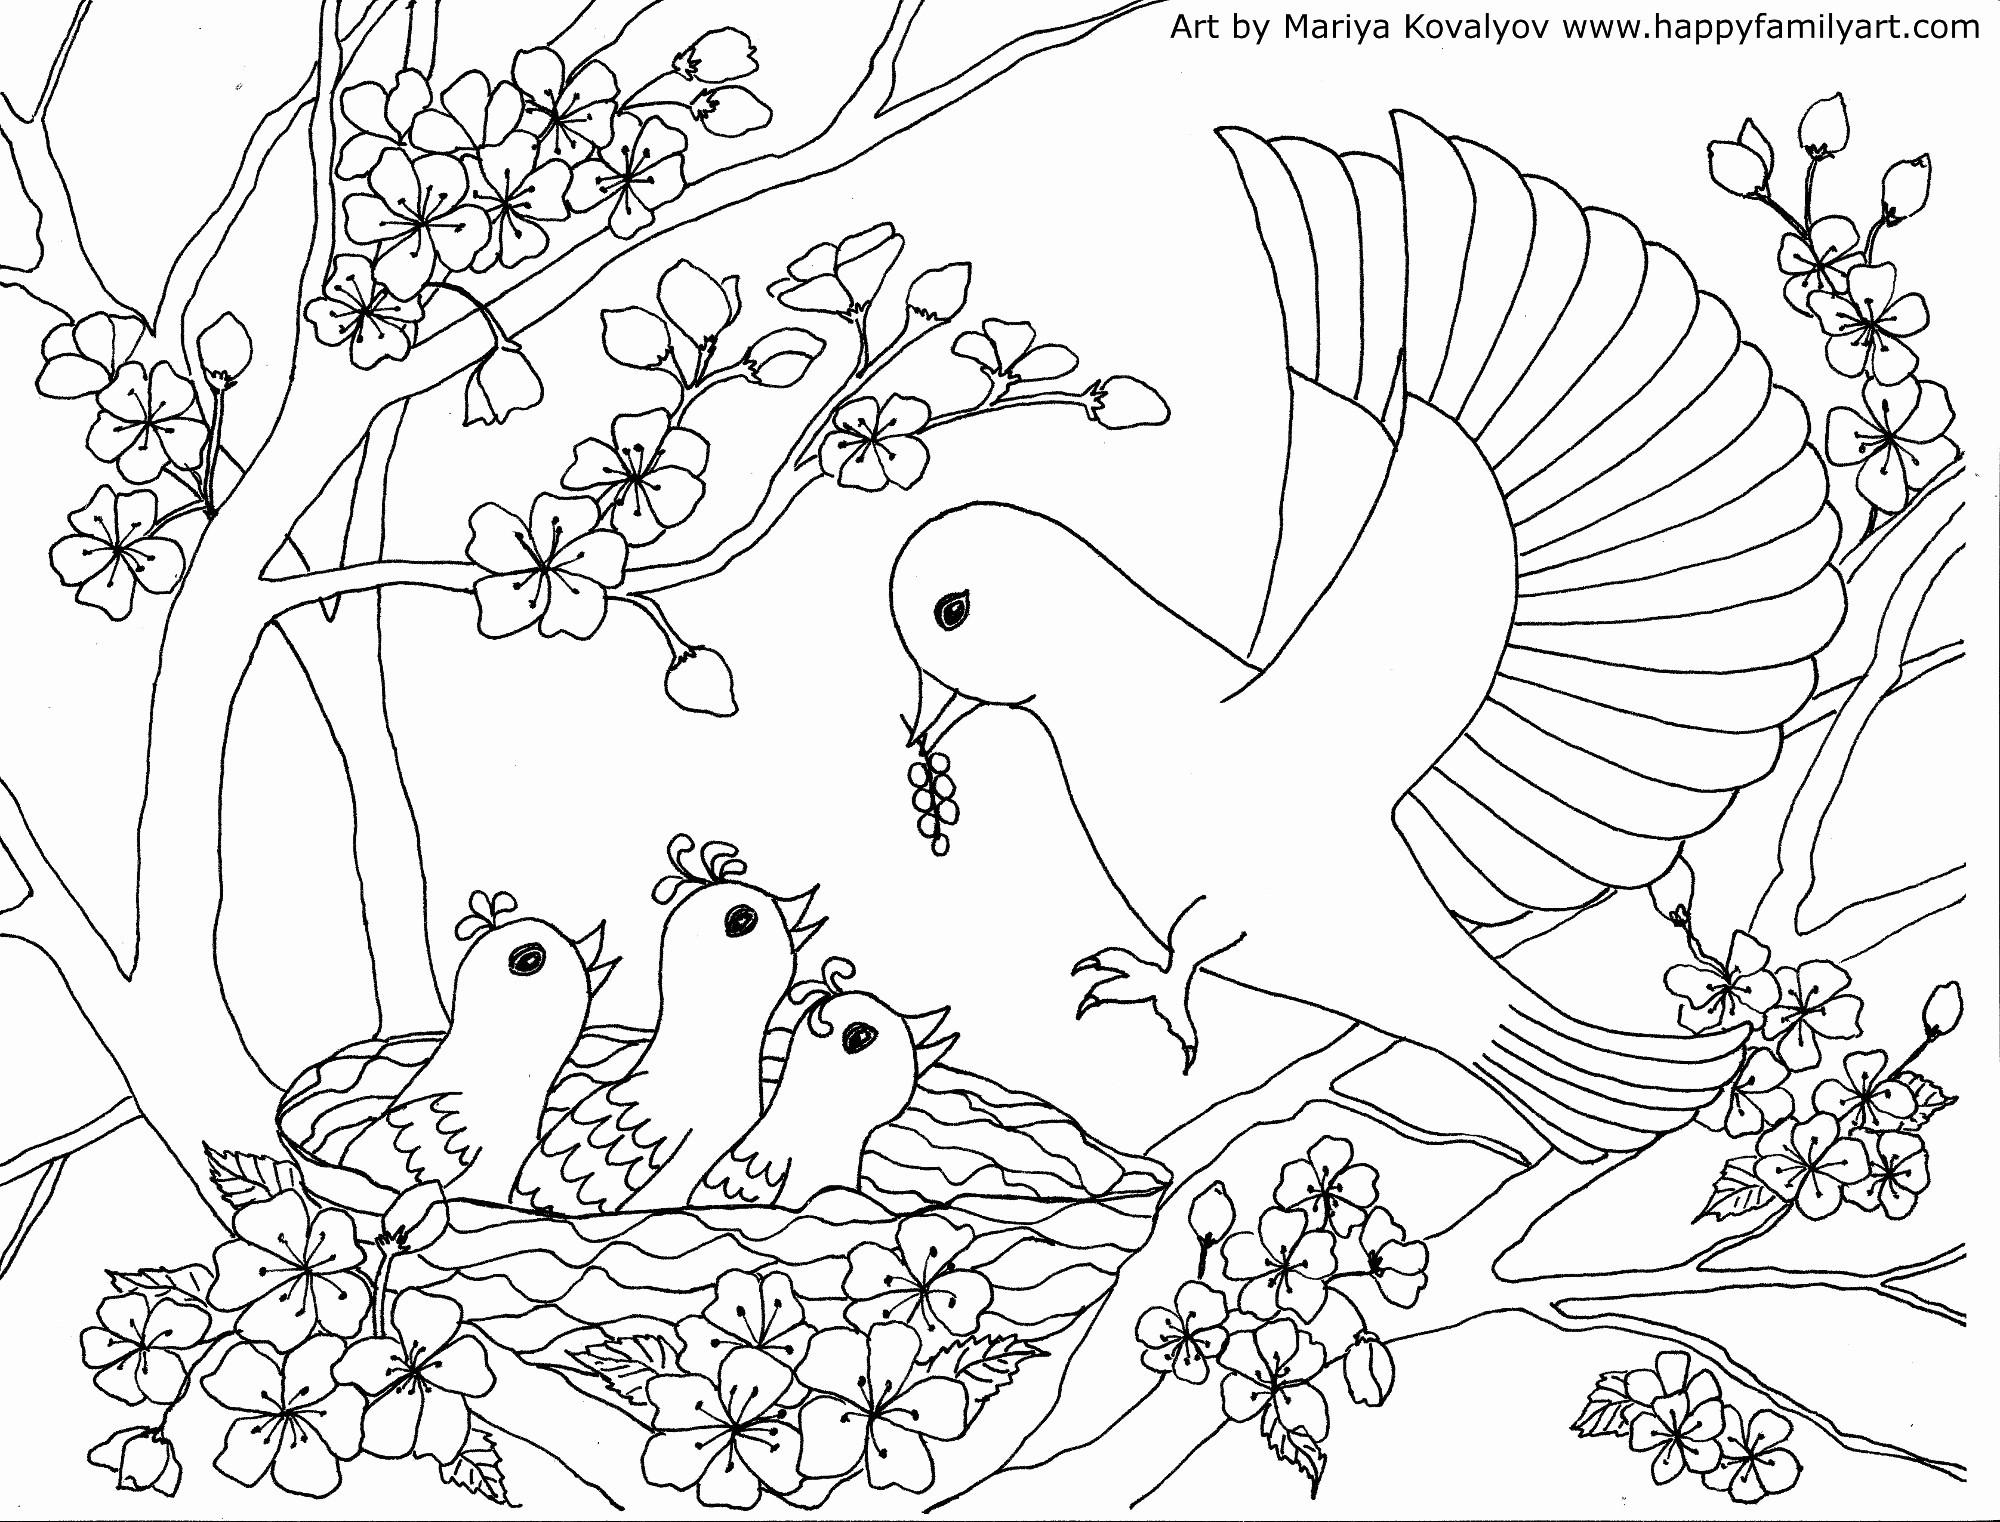 Tranh tô màu chim mẹ mớm mồi